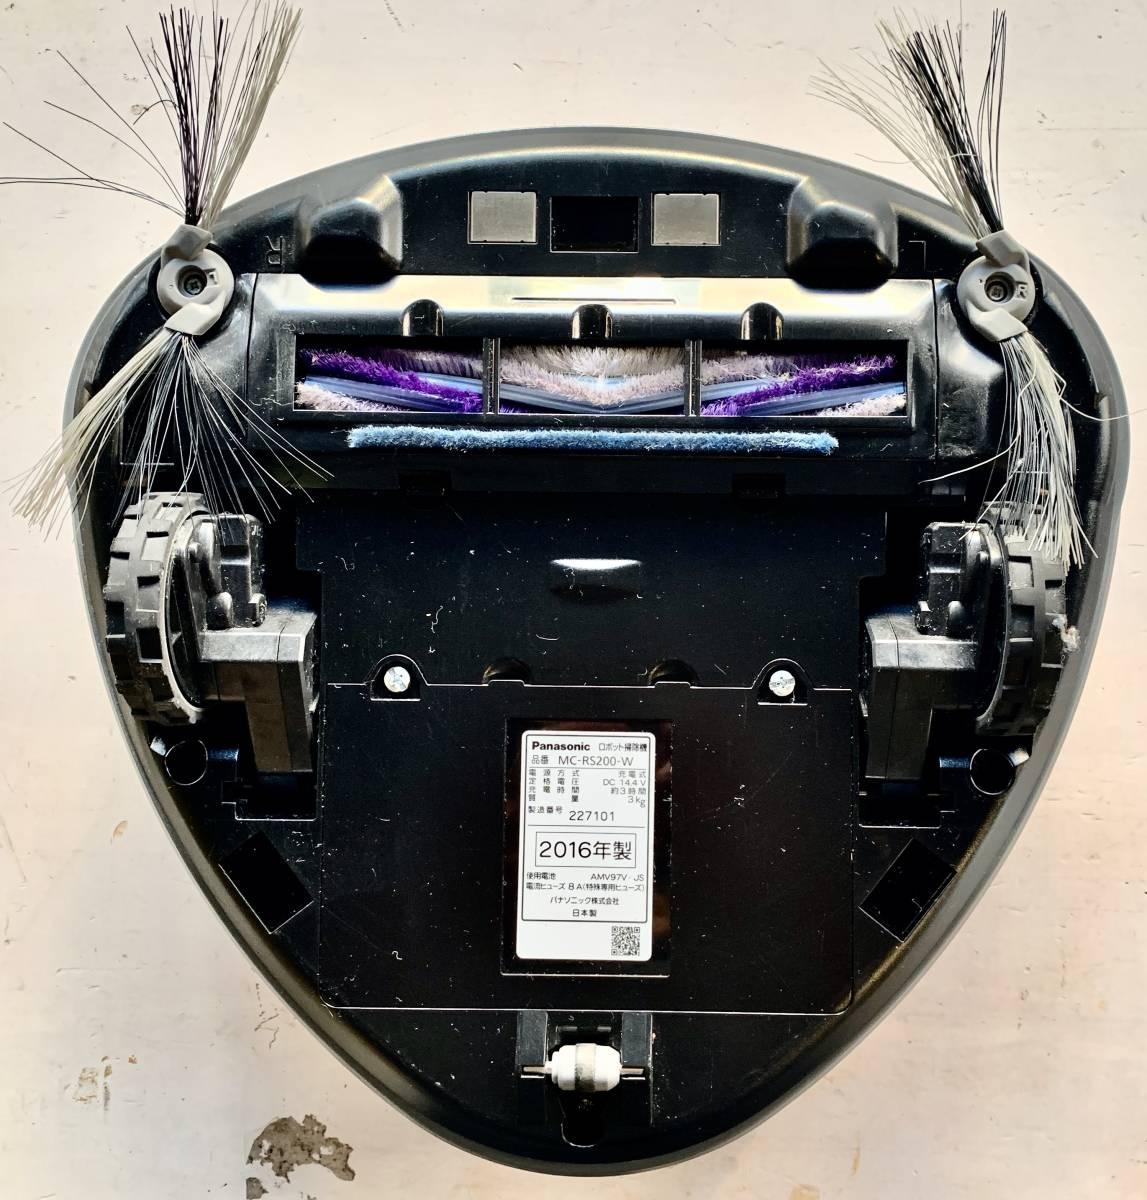 動作品 16年製 Panasonic パナソニック 最大稼動面積 約30畳 ロボット掃除機 RULO ルーロ MC-RS200-W_画像4